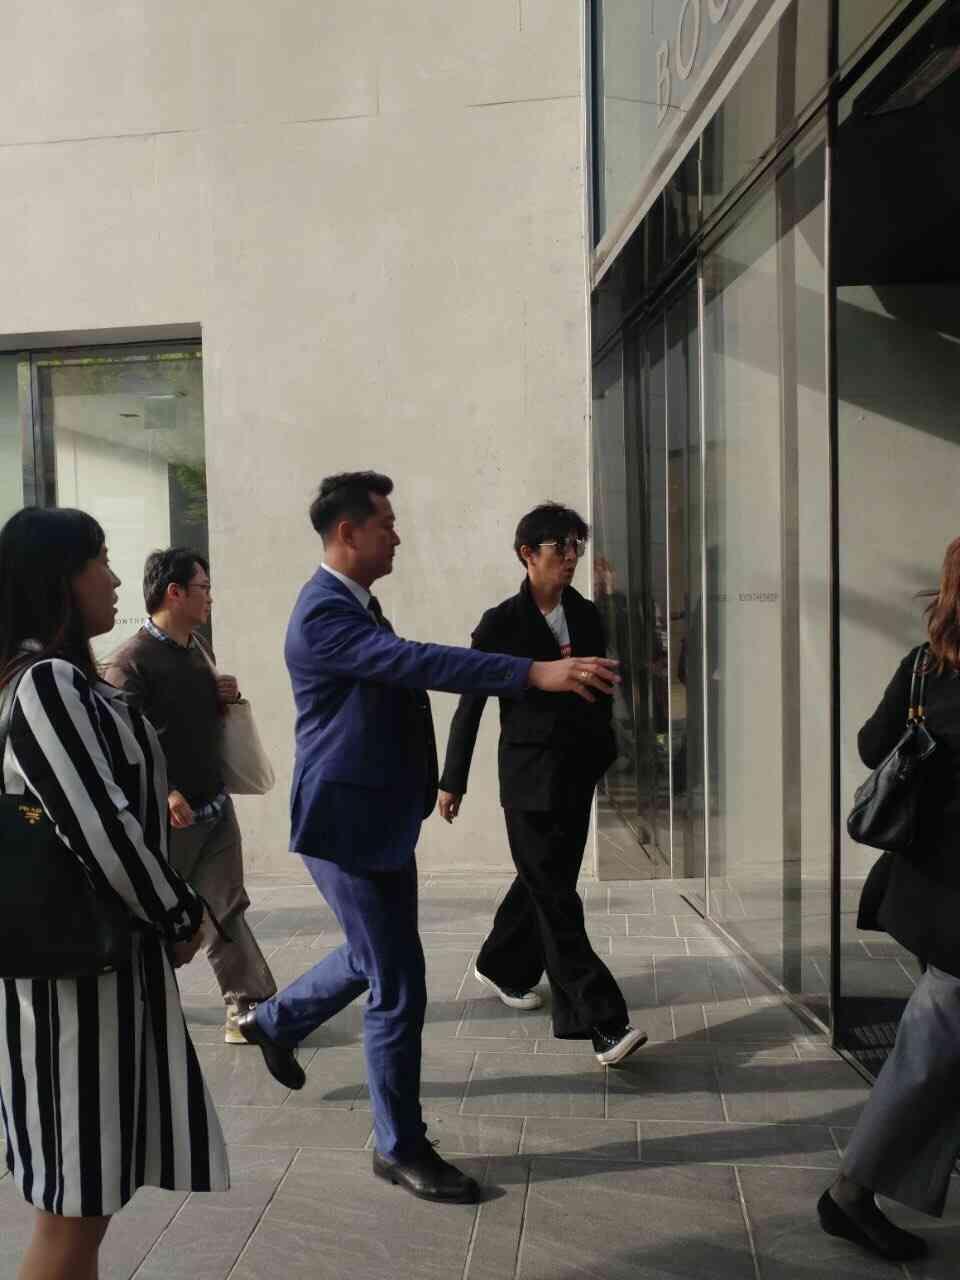 """「韓国人「日本の芸能人""""木村拓哉""""がソウルで目撃される」→「平凡な一般人みたい・・・」」の画像 : 海外の反応 お隣速報"""